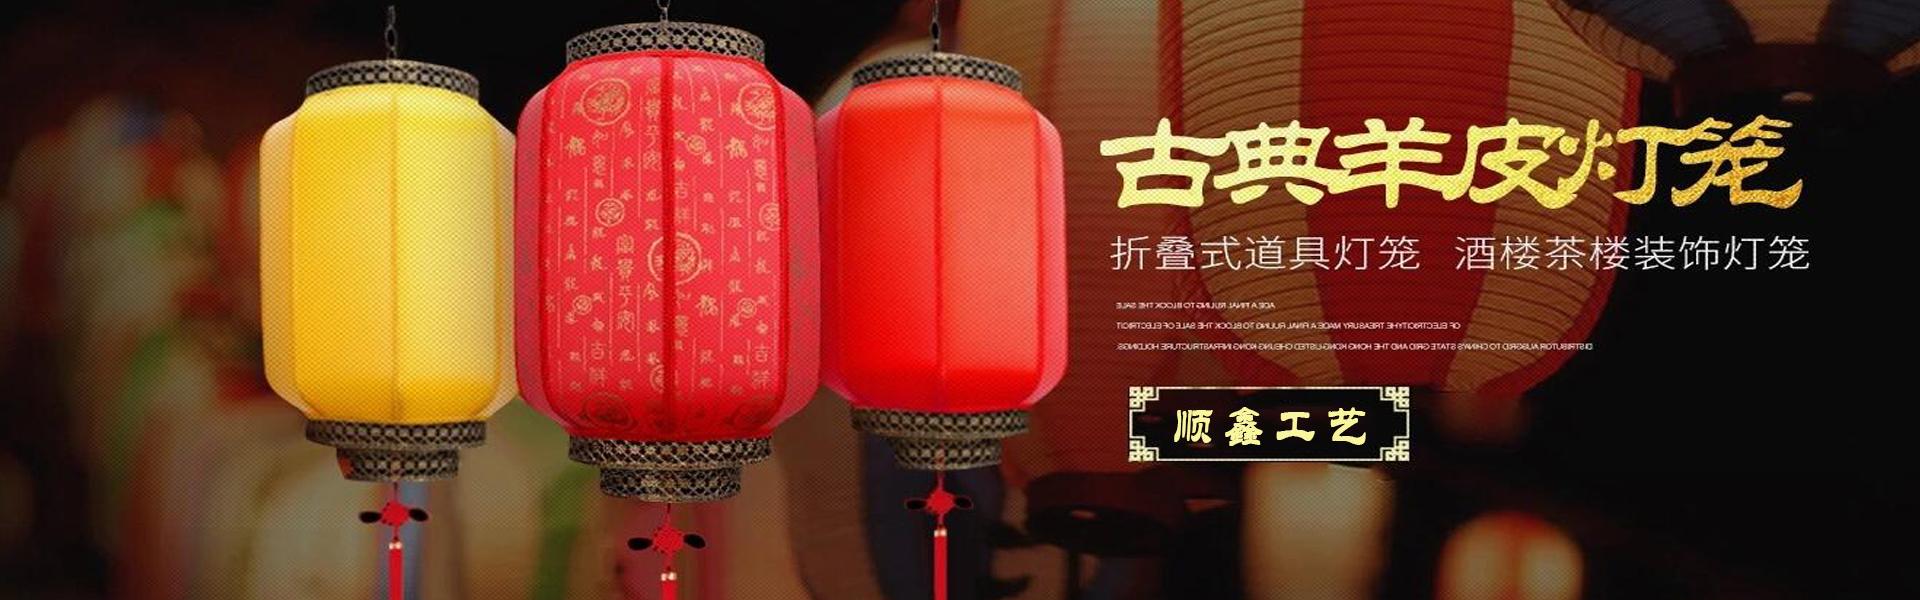 西安顺鑫工艺灯笼厂